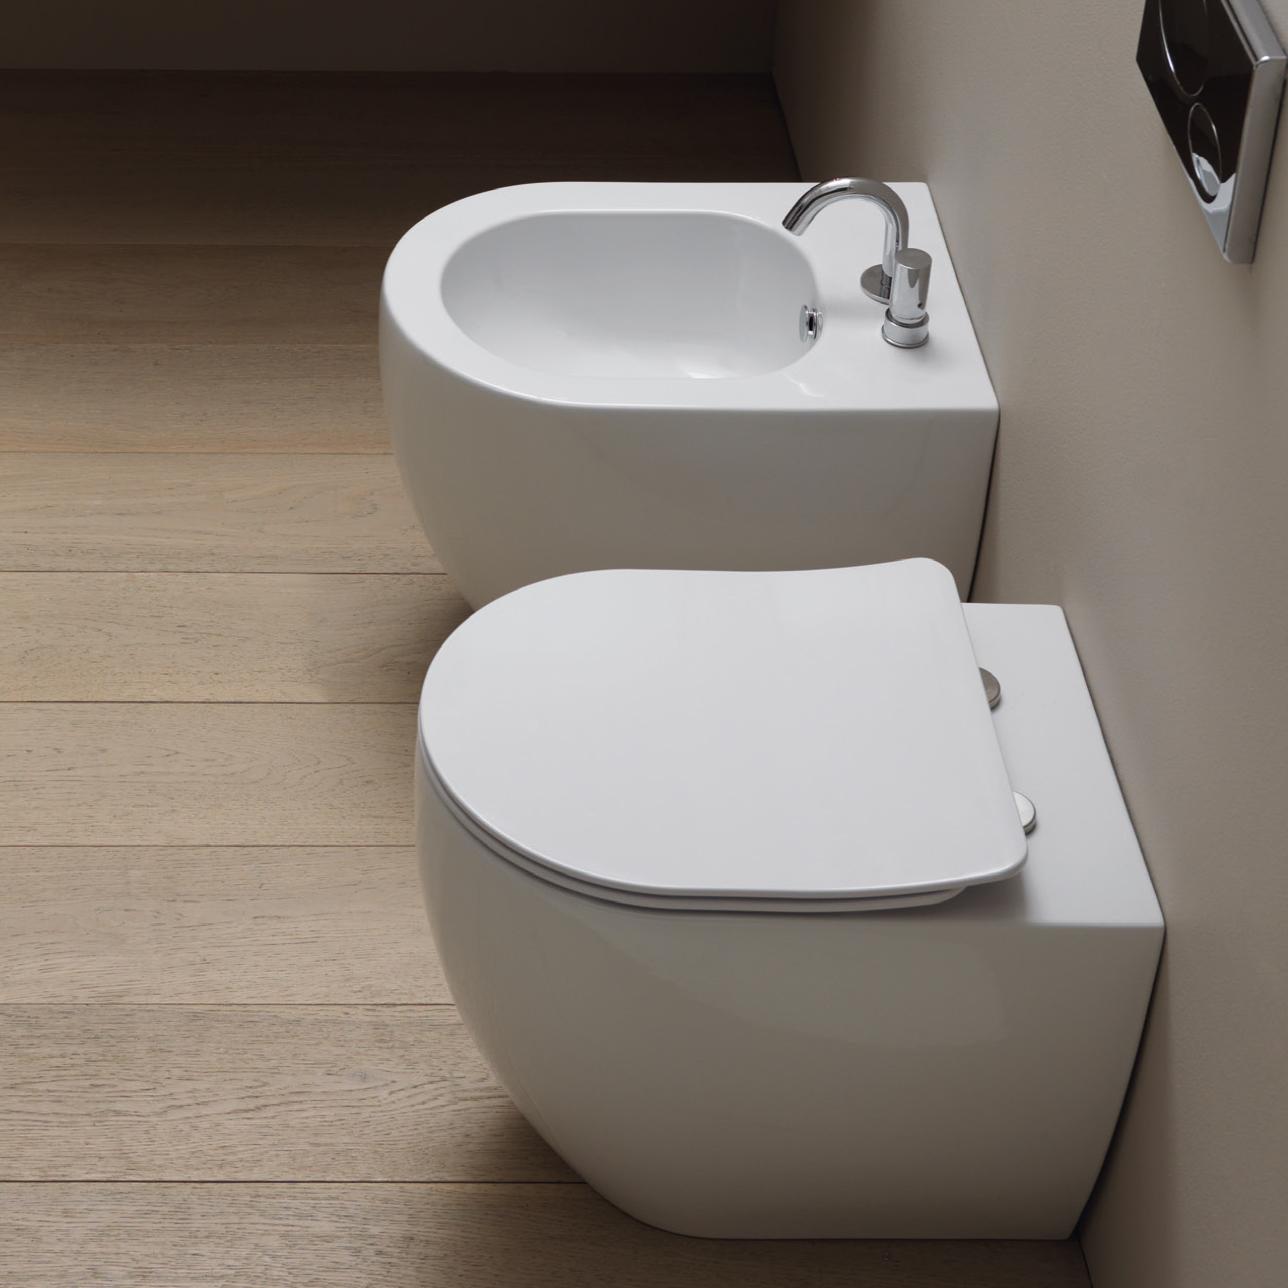 Sanitari Filomuro senza brida modello Link con sedile soft close a sgancio rapido